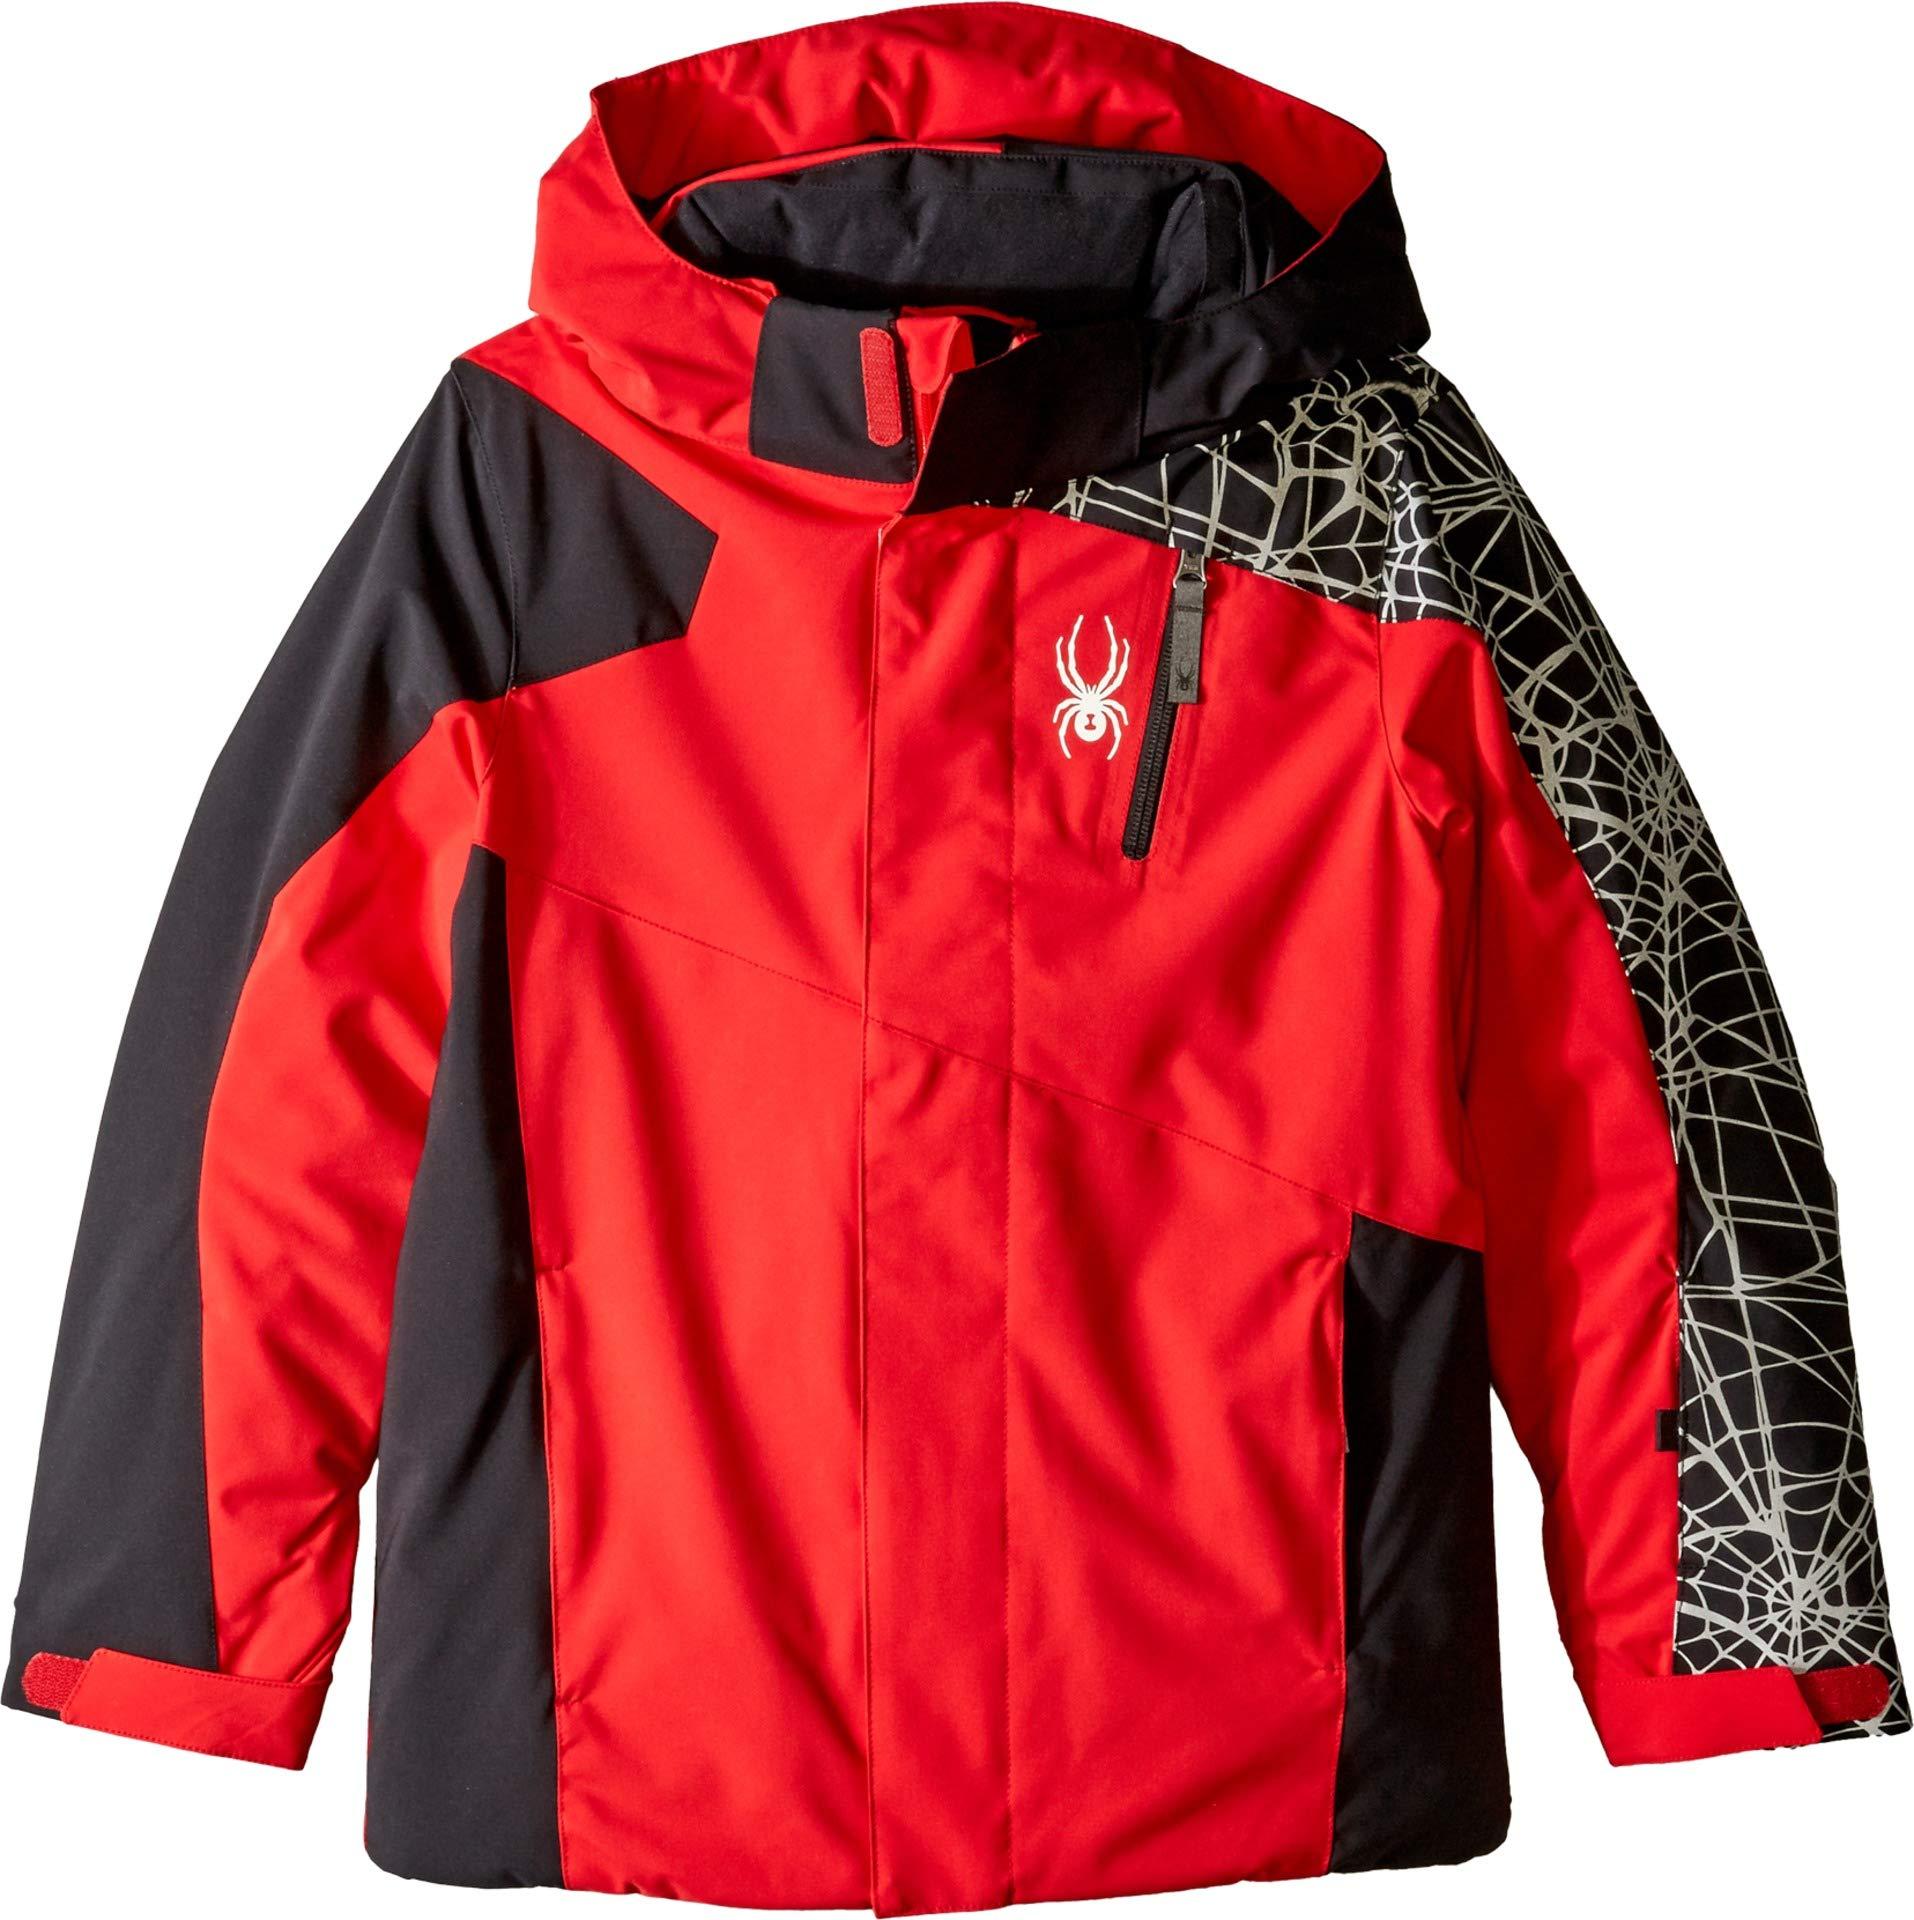 Spyder Boys' Guard Ski Jacket, Red/Black, Size 14